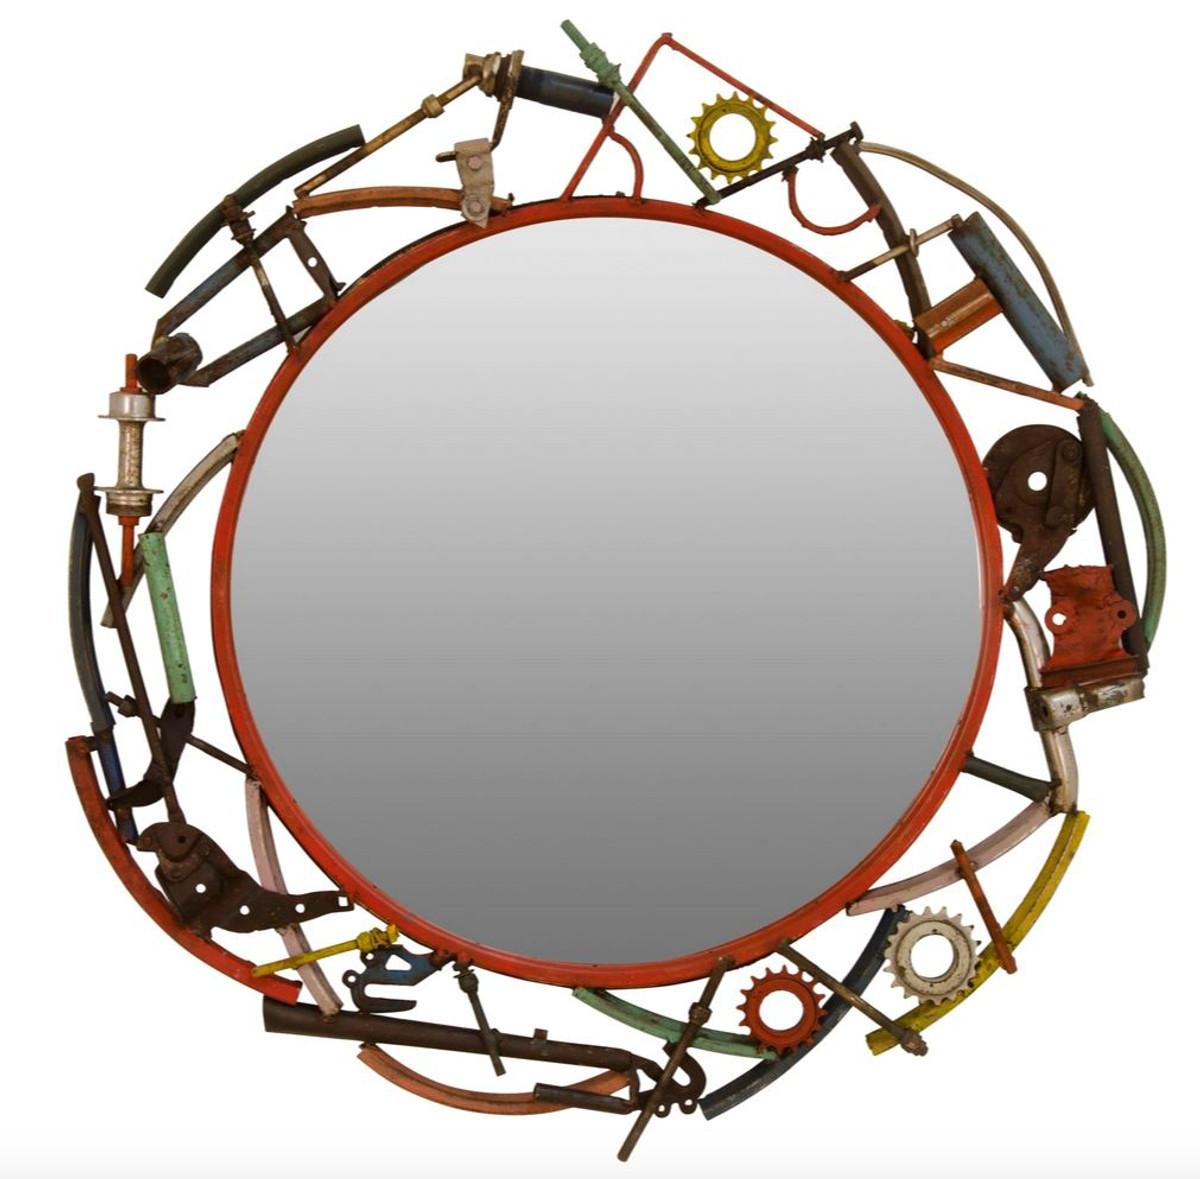 casa padrino designer wandspiegel durchmesser 83 cm designer wohnzimmer accessoires spiegel. Black Bedroom Furniture Sets. Home Design Ideas